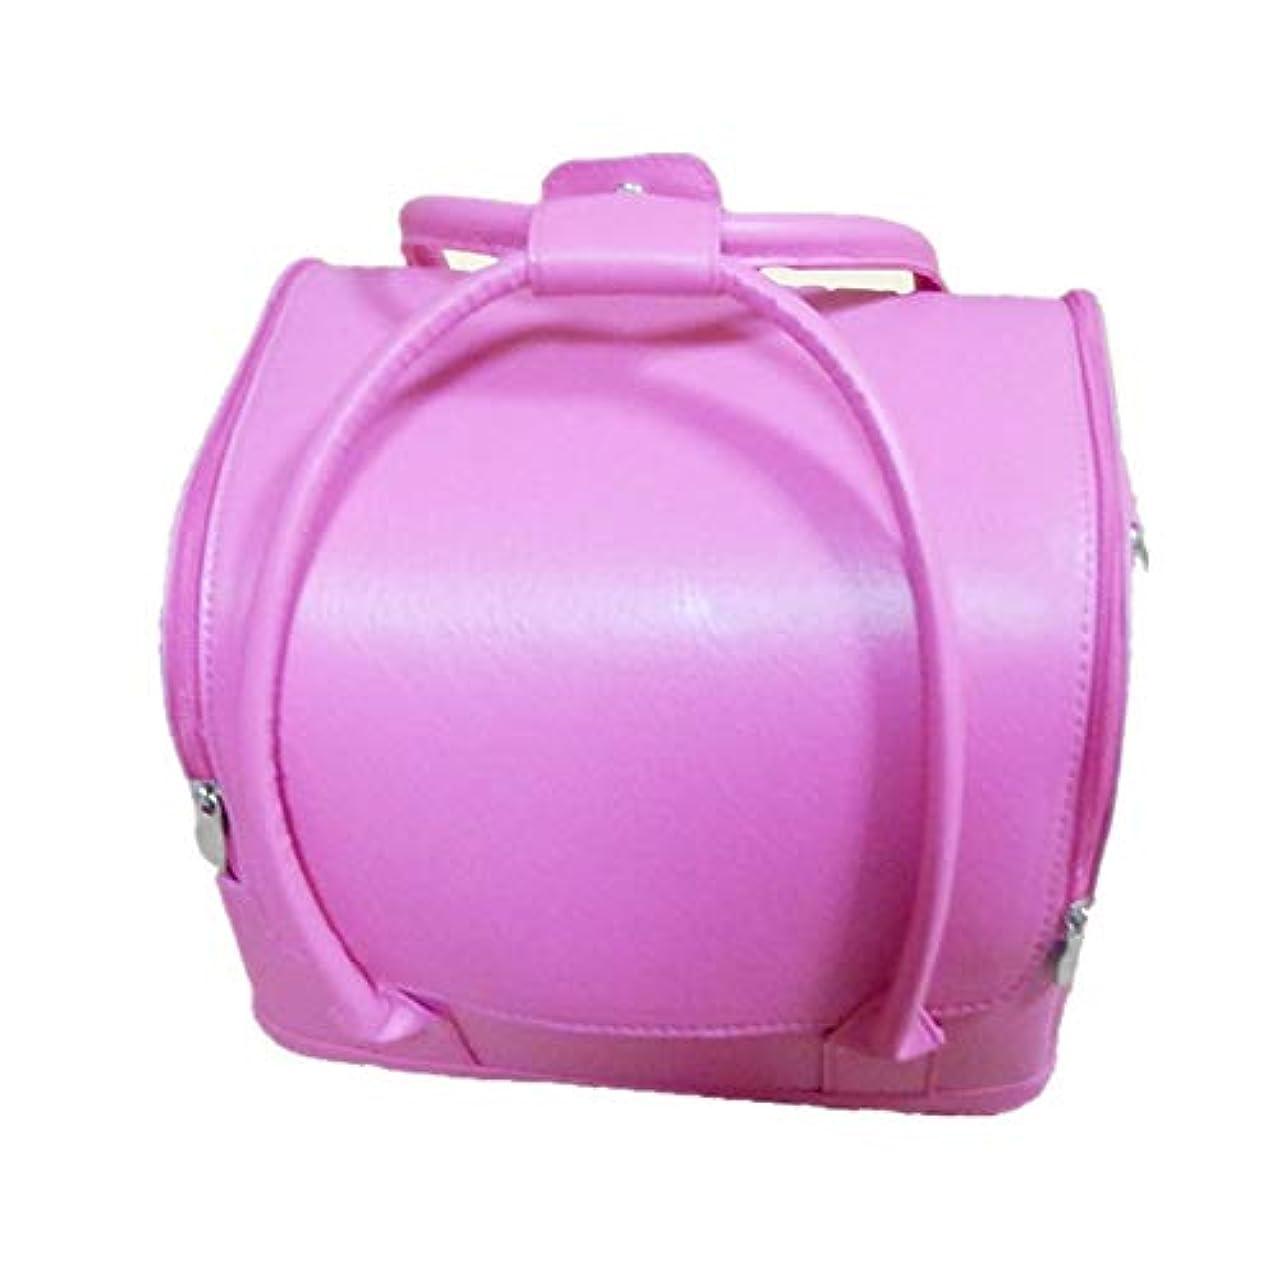 石膏接触直面する化粧オーガナイザーバッグ 美しいメイクアップのための純粋な色ポータブル化粧品袋と女性の女性の旅行とジッパーで毎日のストレージ 化粧品ケース